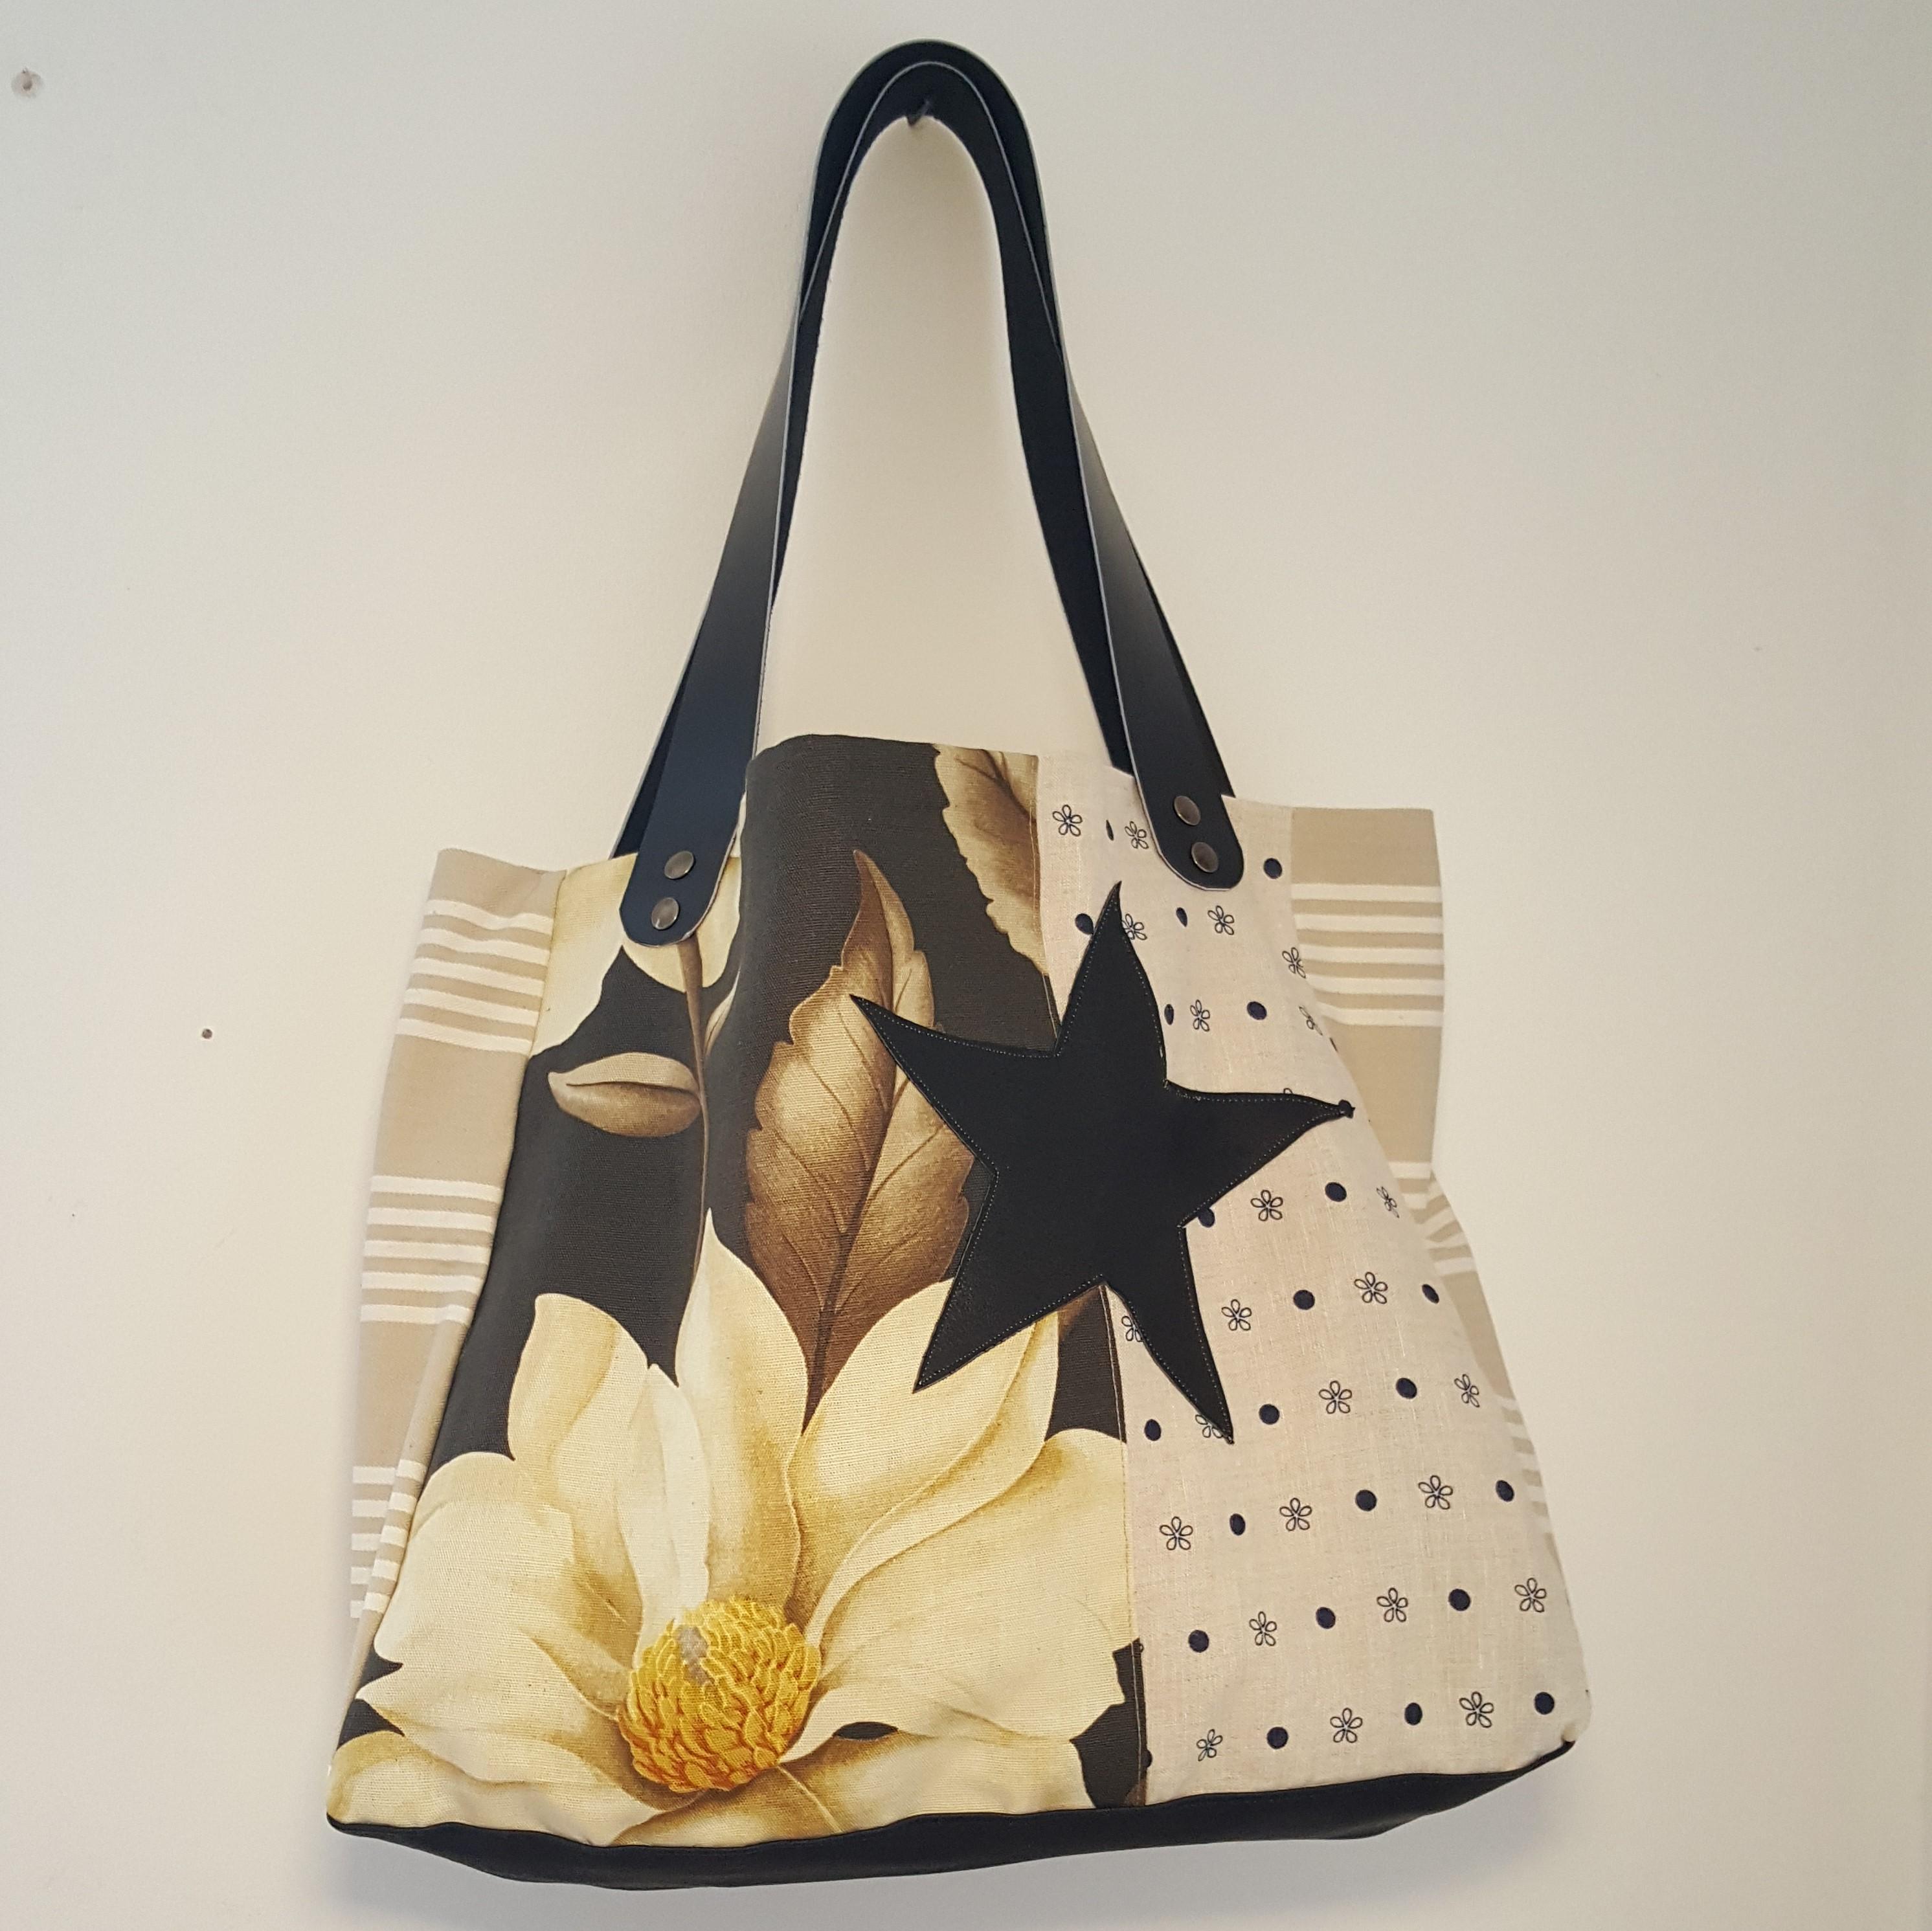 sac étoile lin-moutarde pivoine-cuir noir